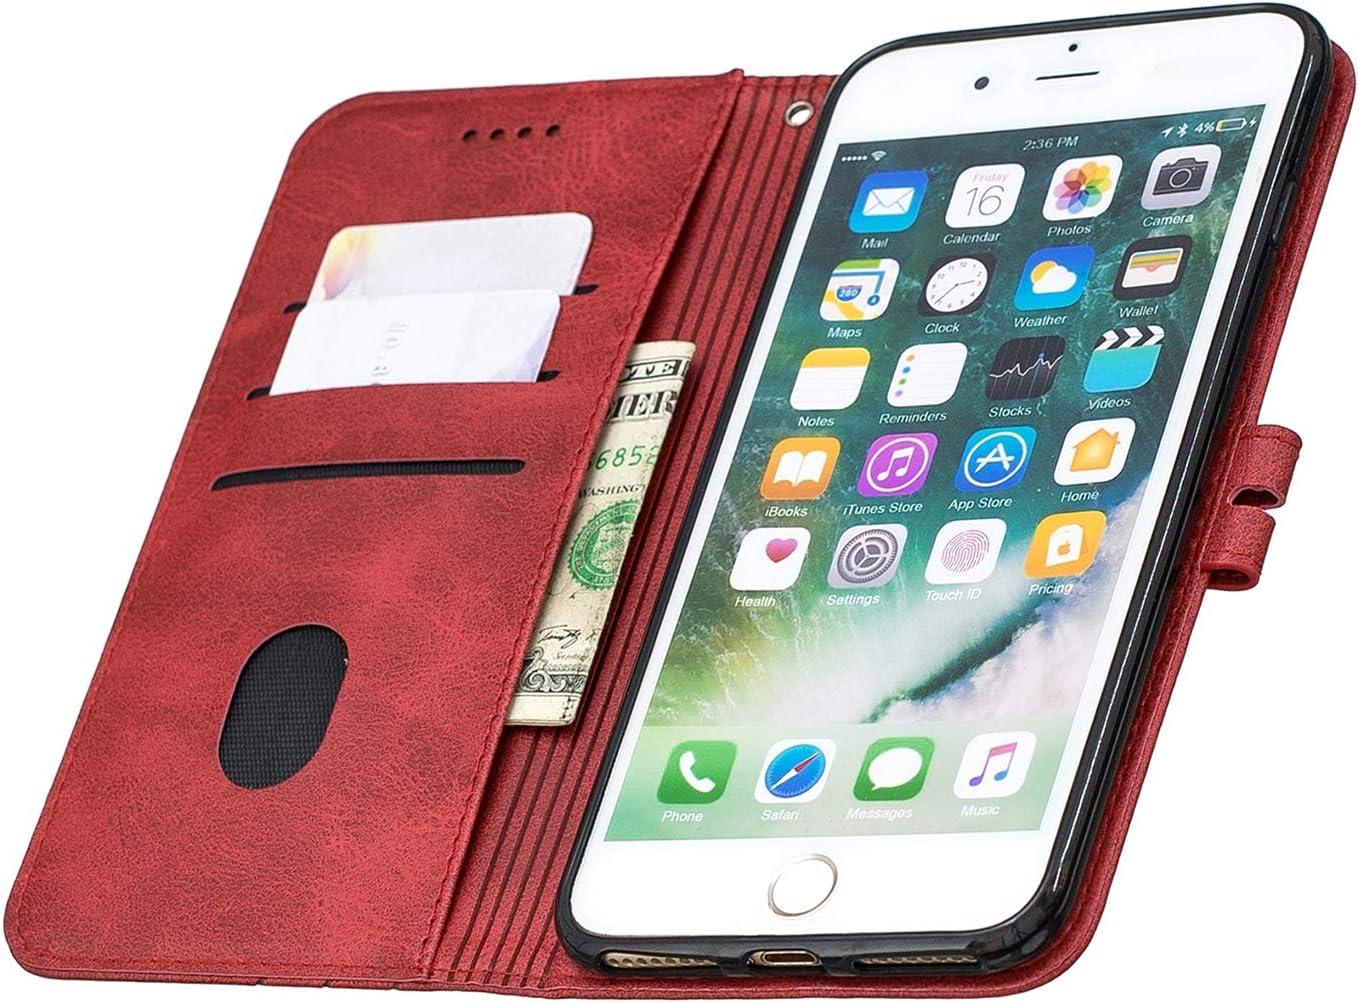 NEXCURIO Coque iPhone 6S Plus//6 Plus Cuir PU /Étui Housse Portefeuille /à Clapet avec Fonction de Support et Coque Souple pour Apple iPhone 6SPlus//6Plus NEHEX120015 Noir